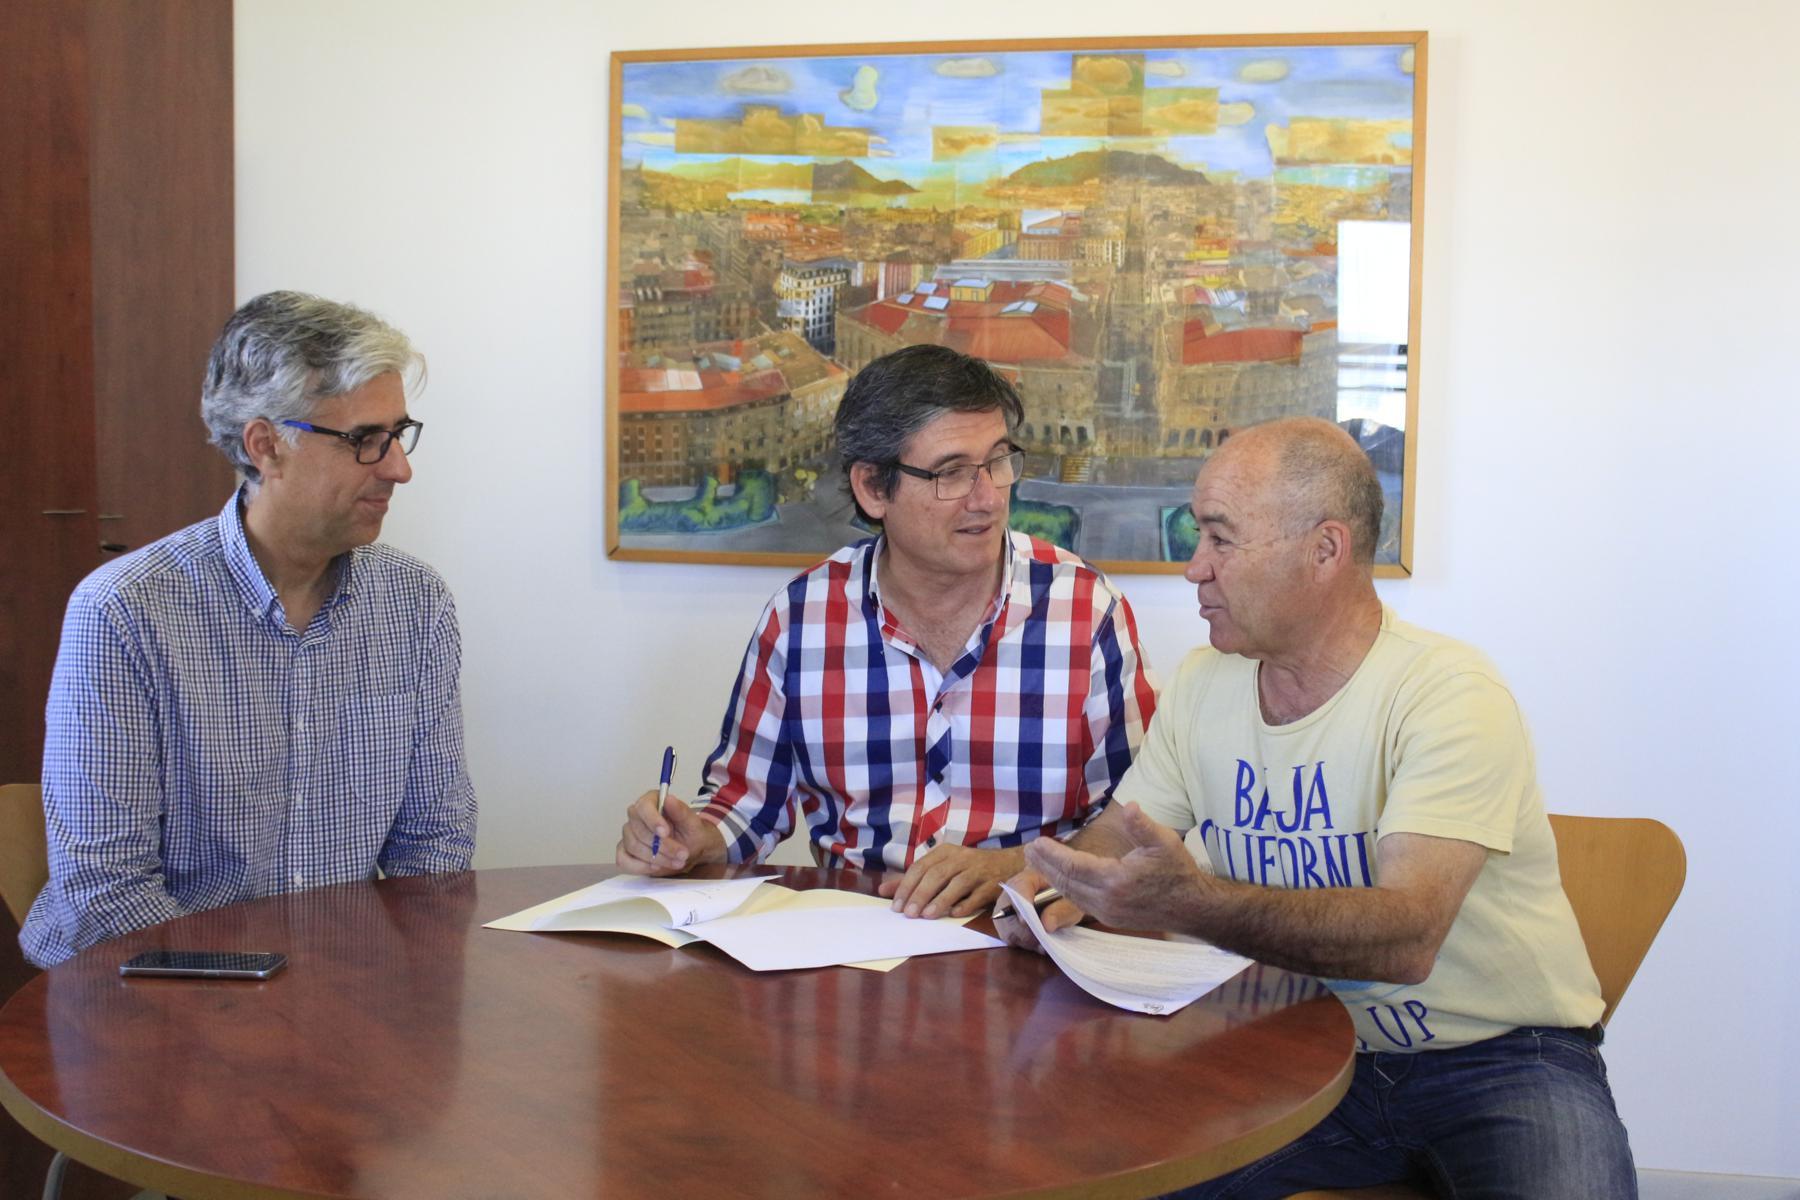 El Ayuntamiento junto con Promar fomentará la educación ambiental este verano